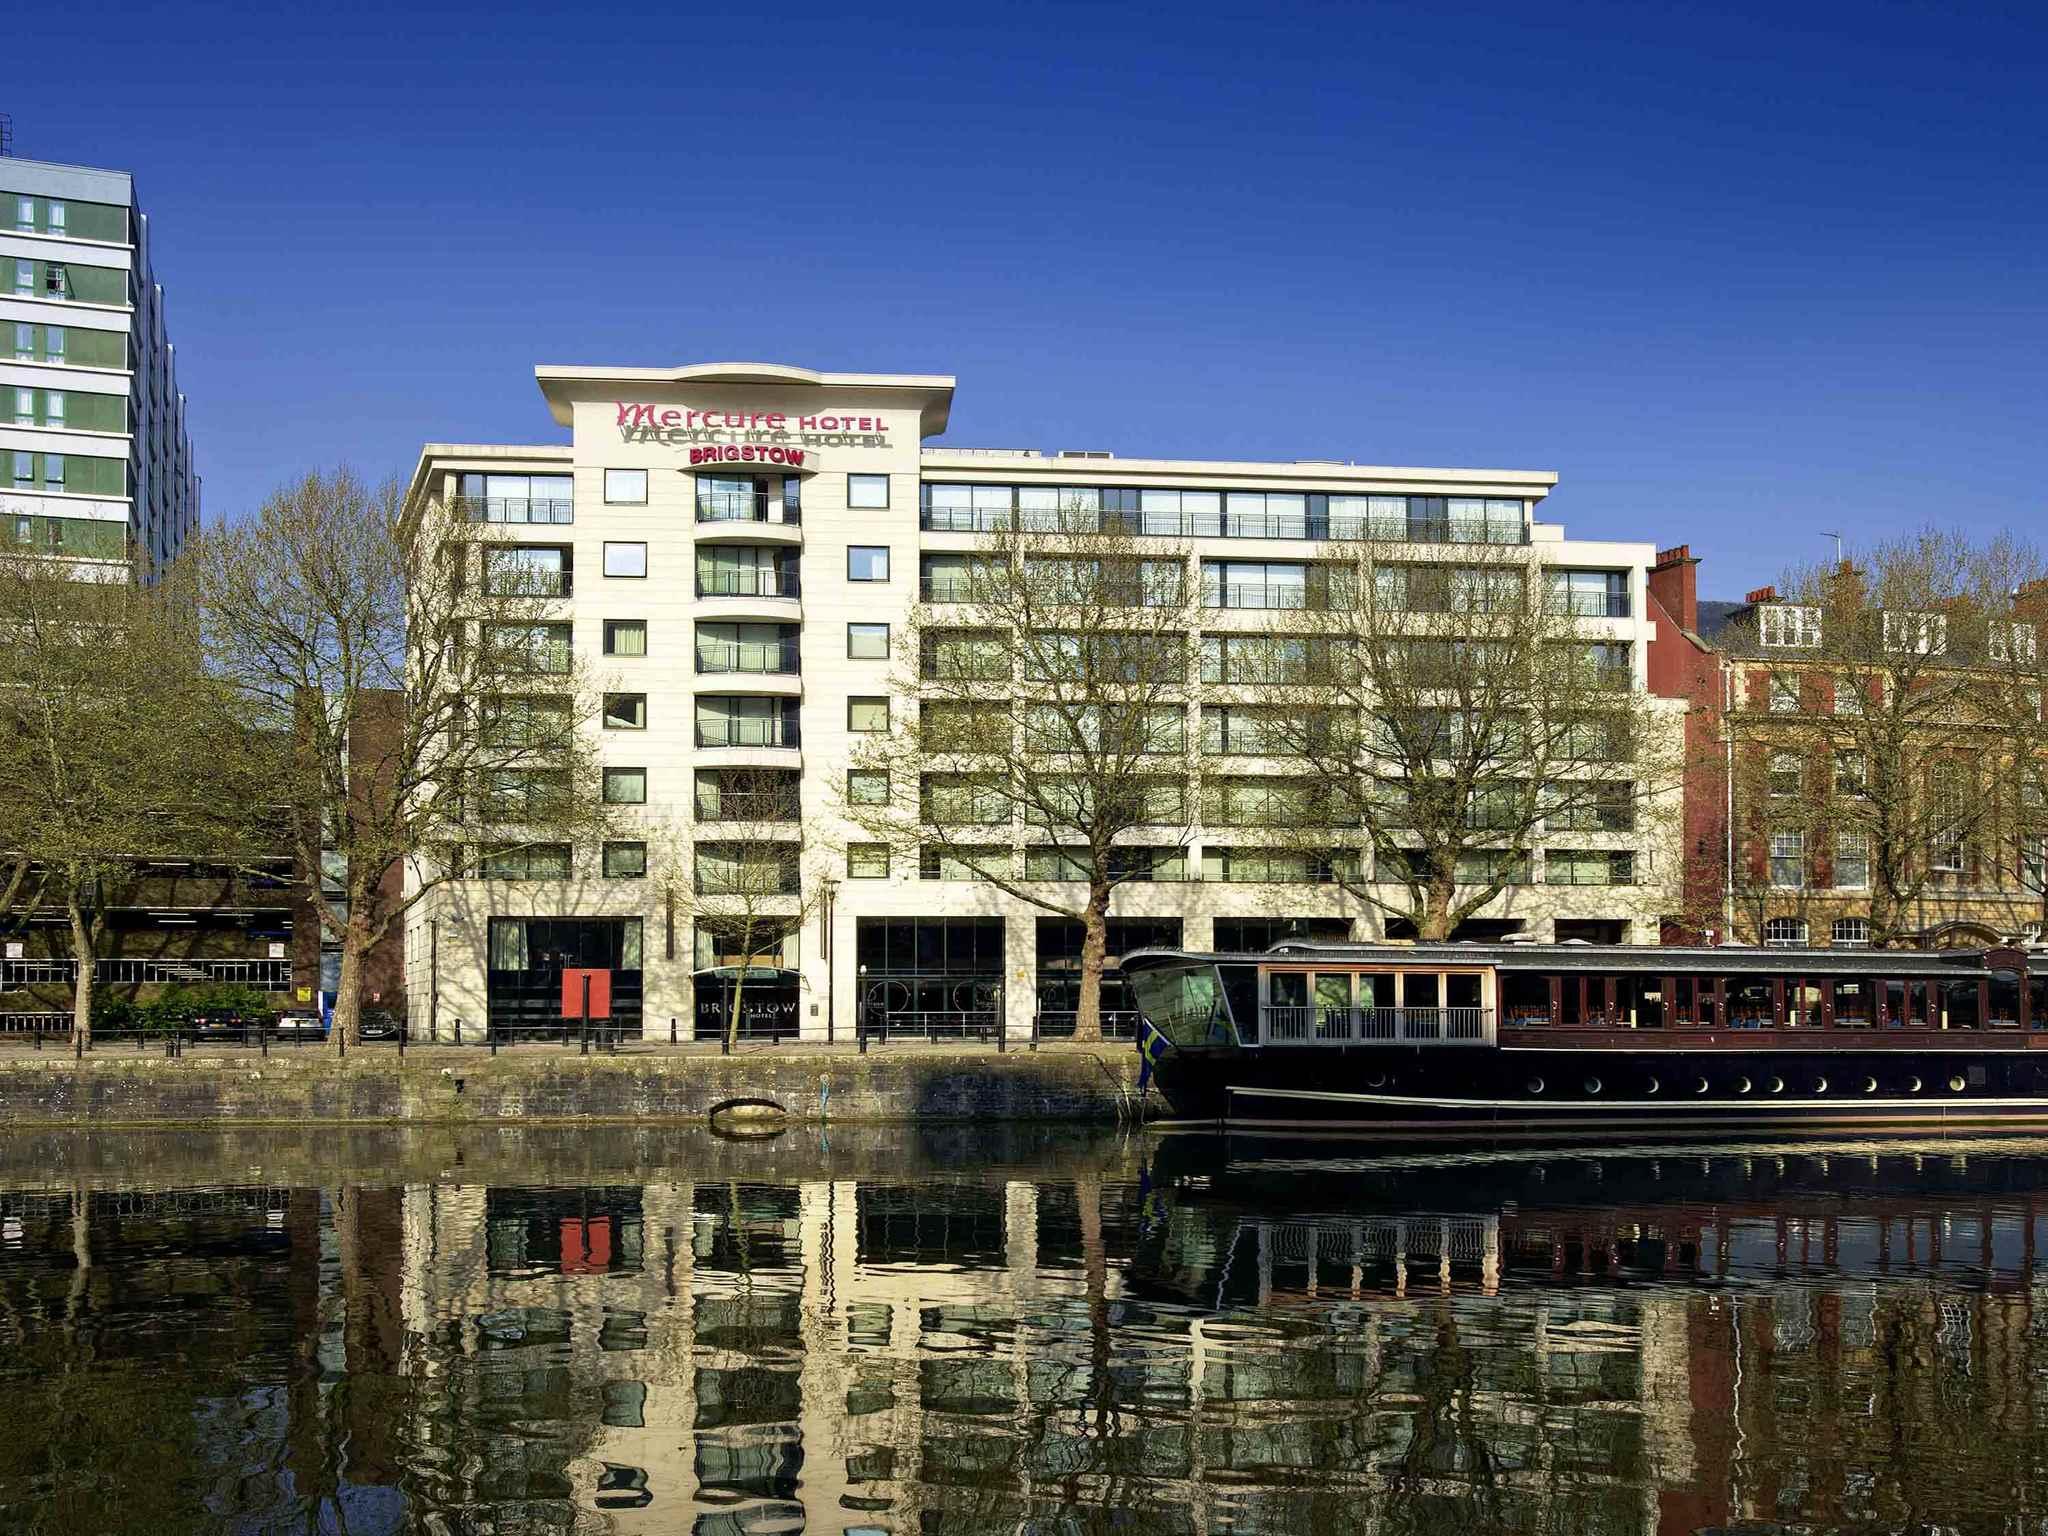 โรงแรม – Mercure Bristol Brigstow Hotel